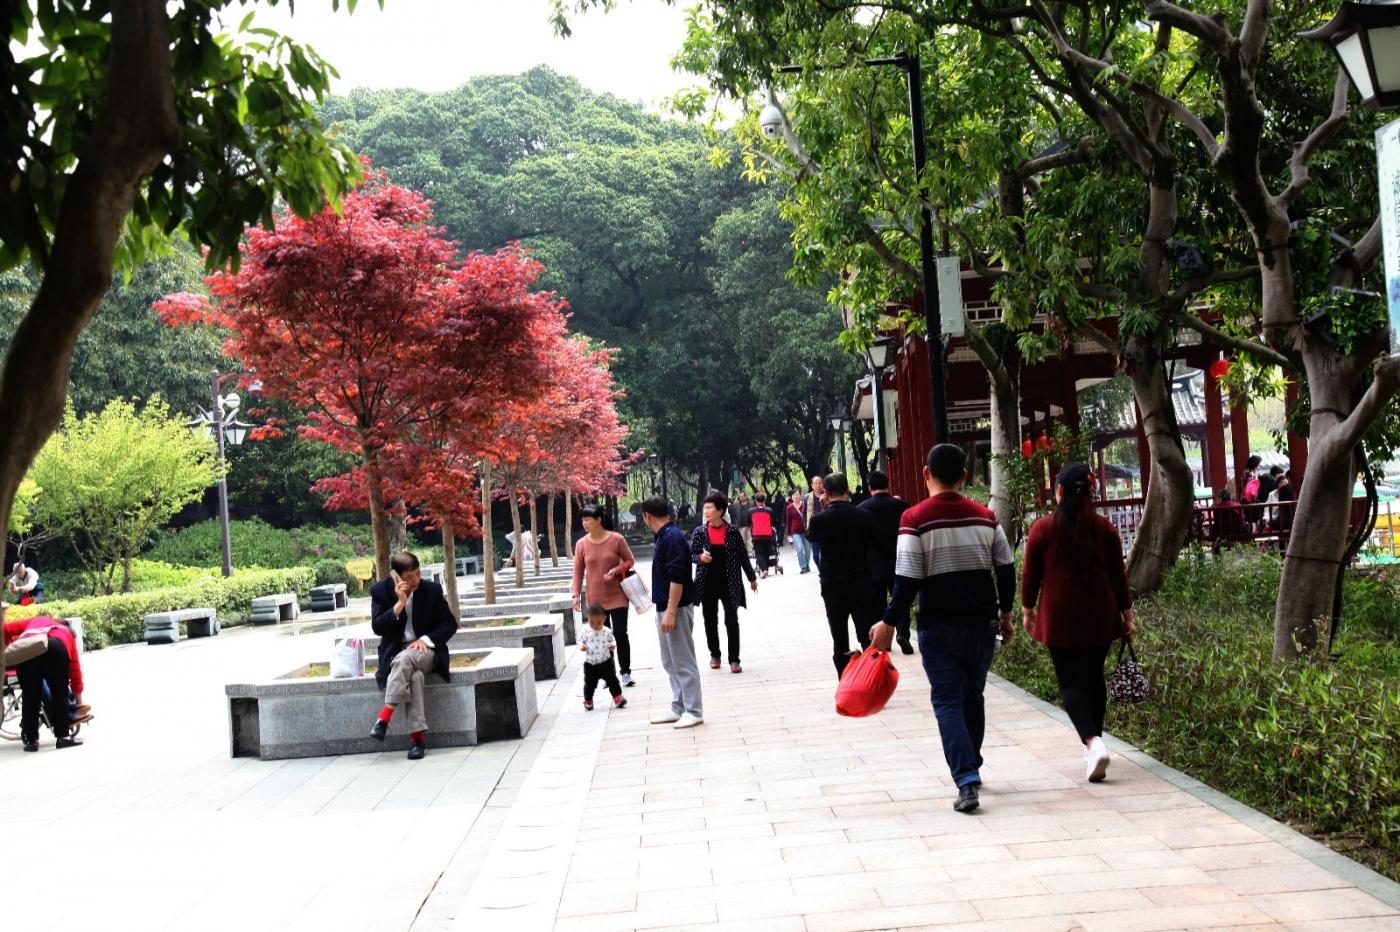 福州西湖公园,美景如画,赏心悦目,流连忘返_图1-26